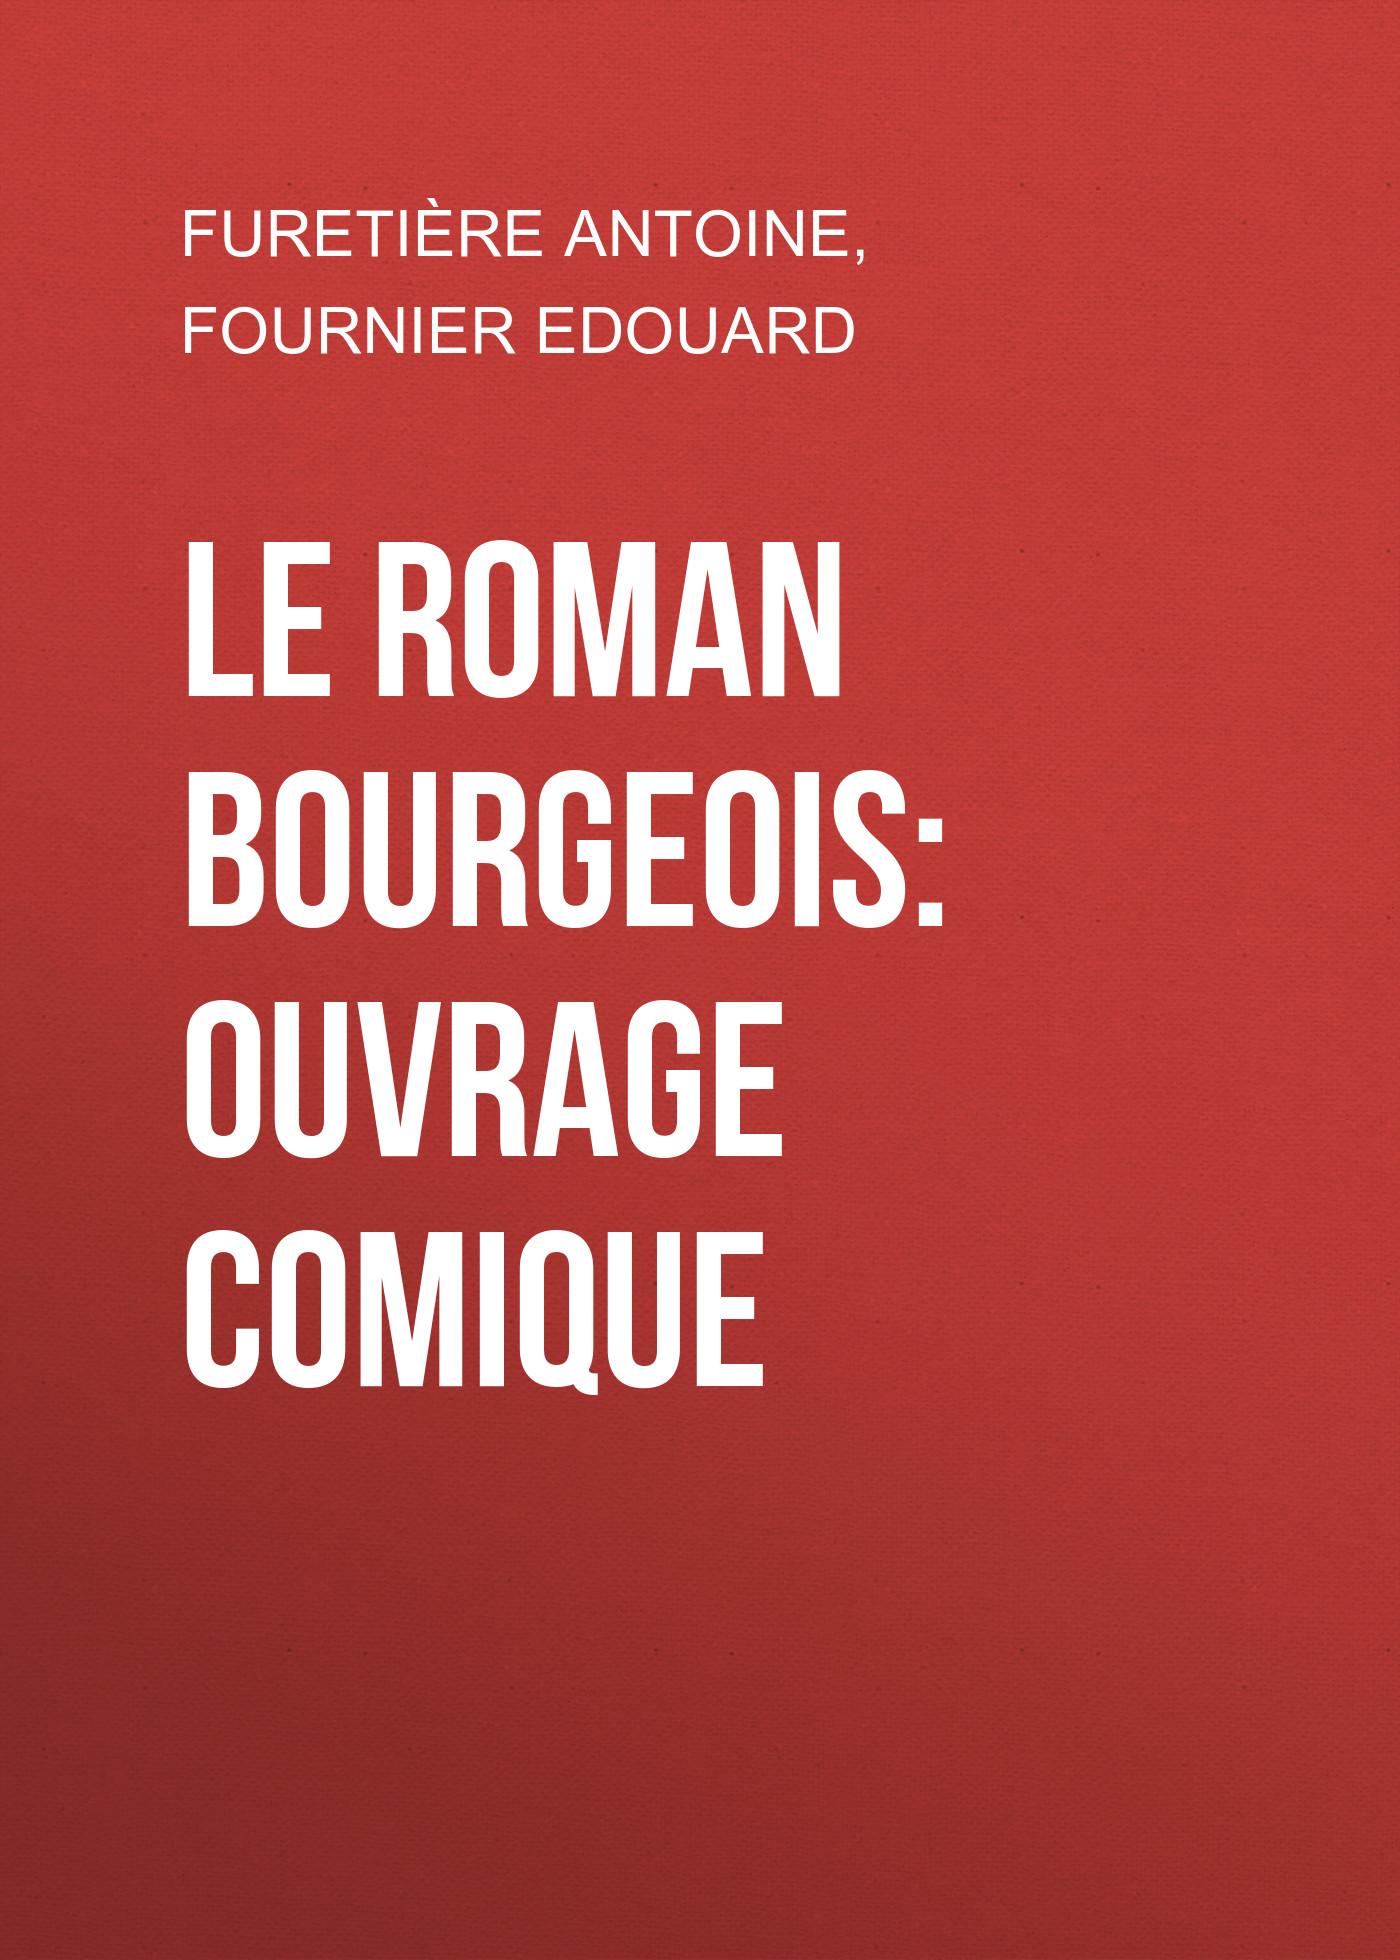 Фото - Fournier Edouard Le roman bourgeois: Ouvrage comique fournier edouard le vieux neuf histoire ancienne des inventions et decouvertes modernes french edition